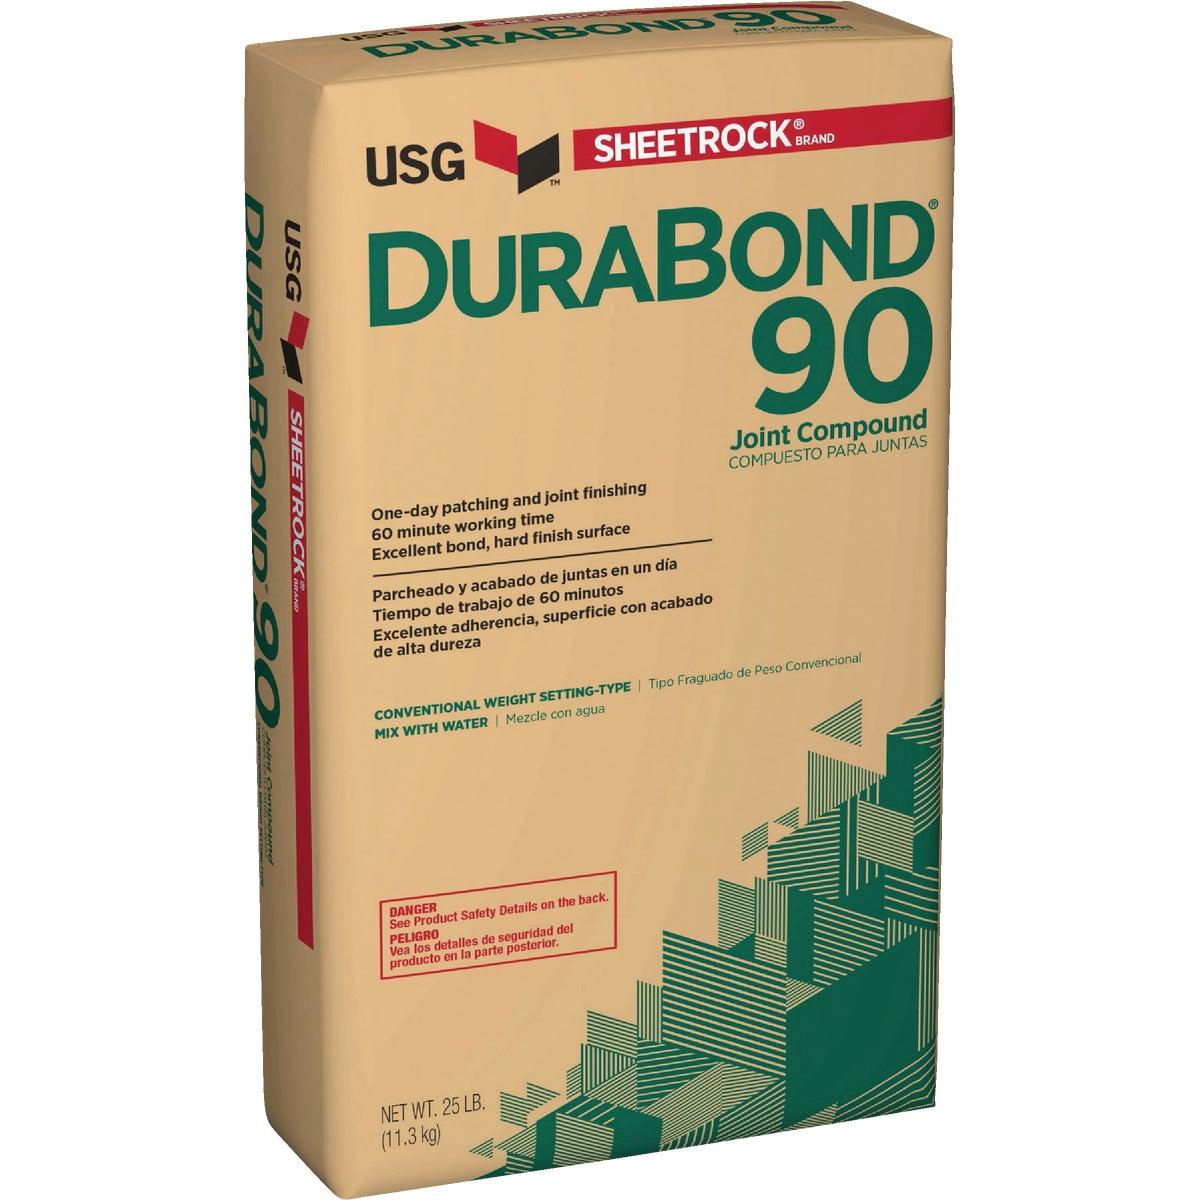 25LB DURABOND90 COMPOUND